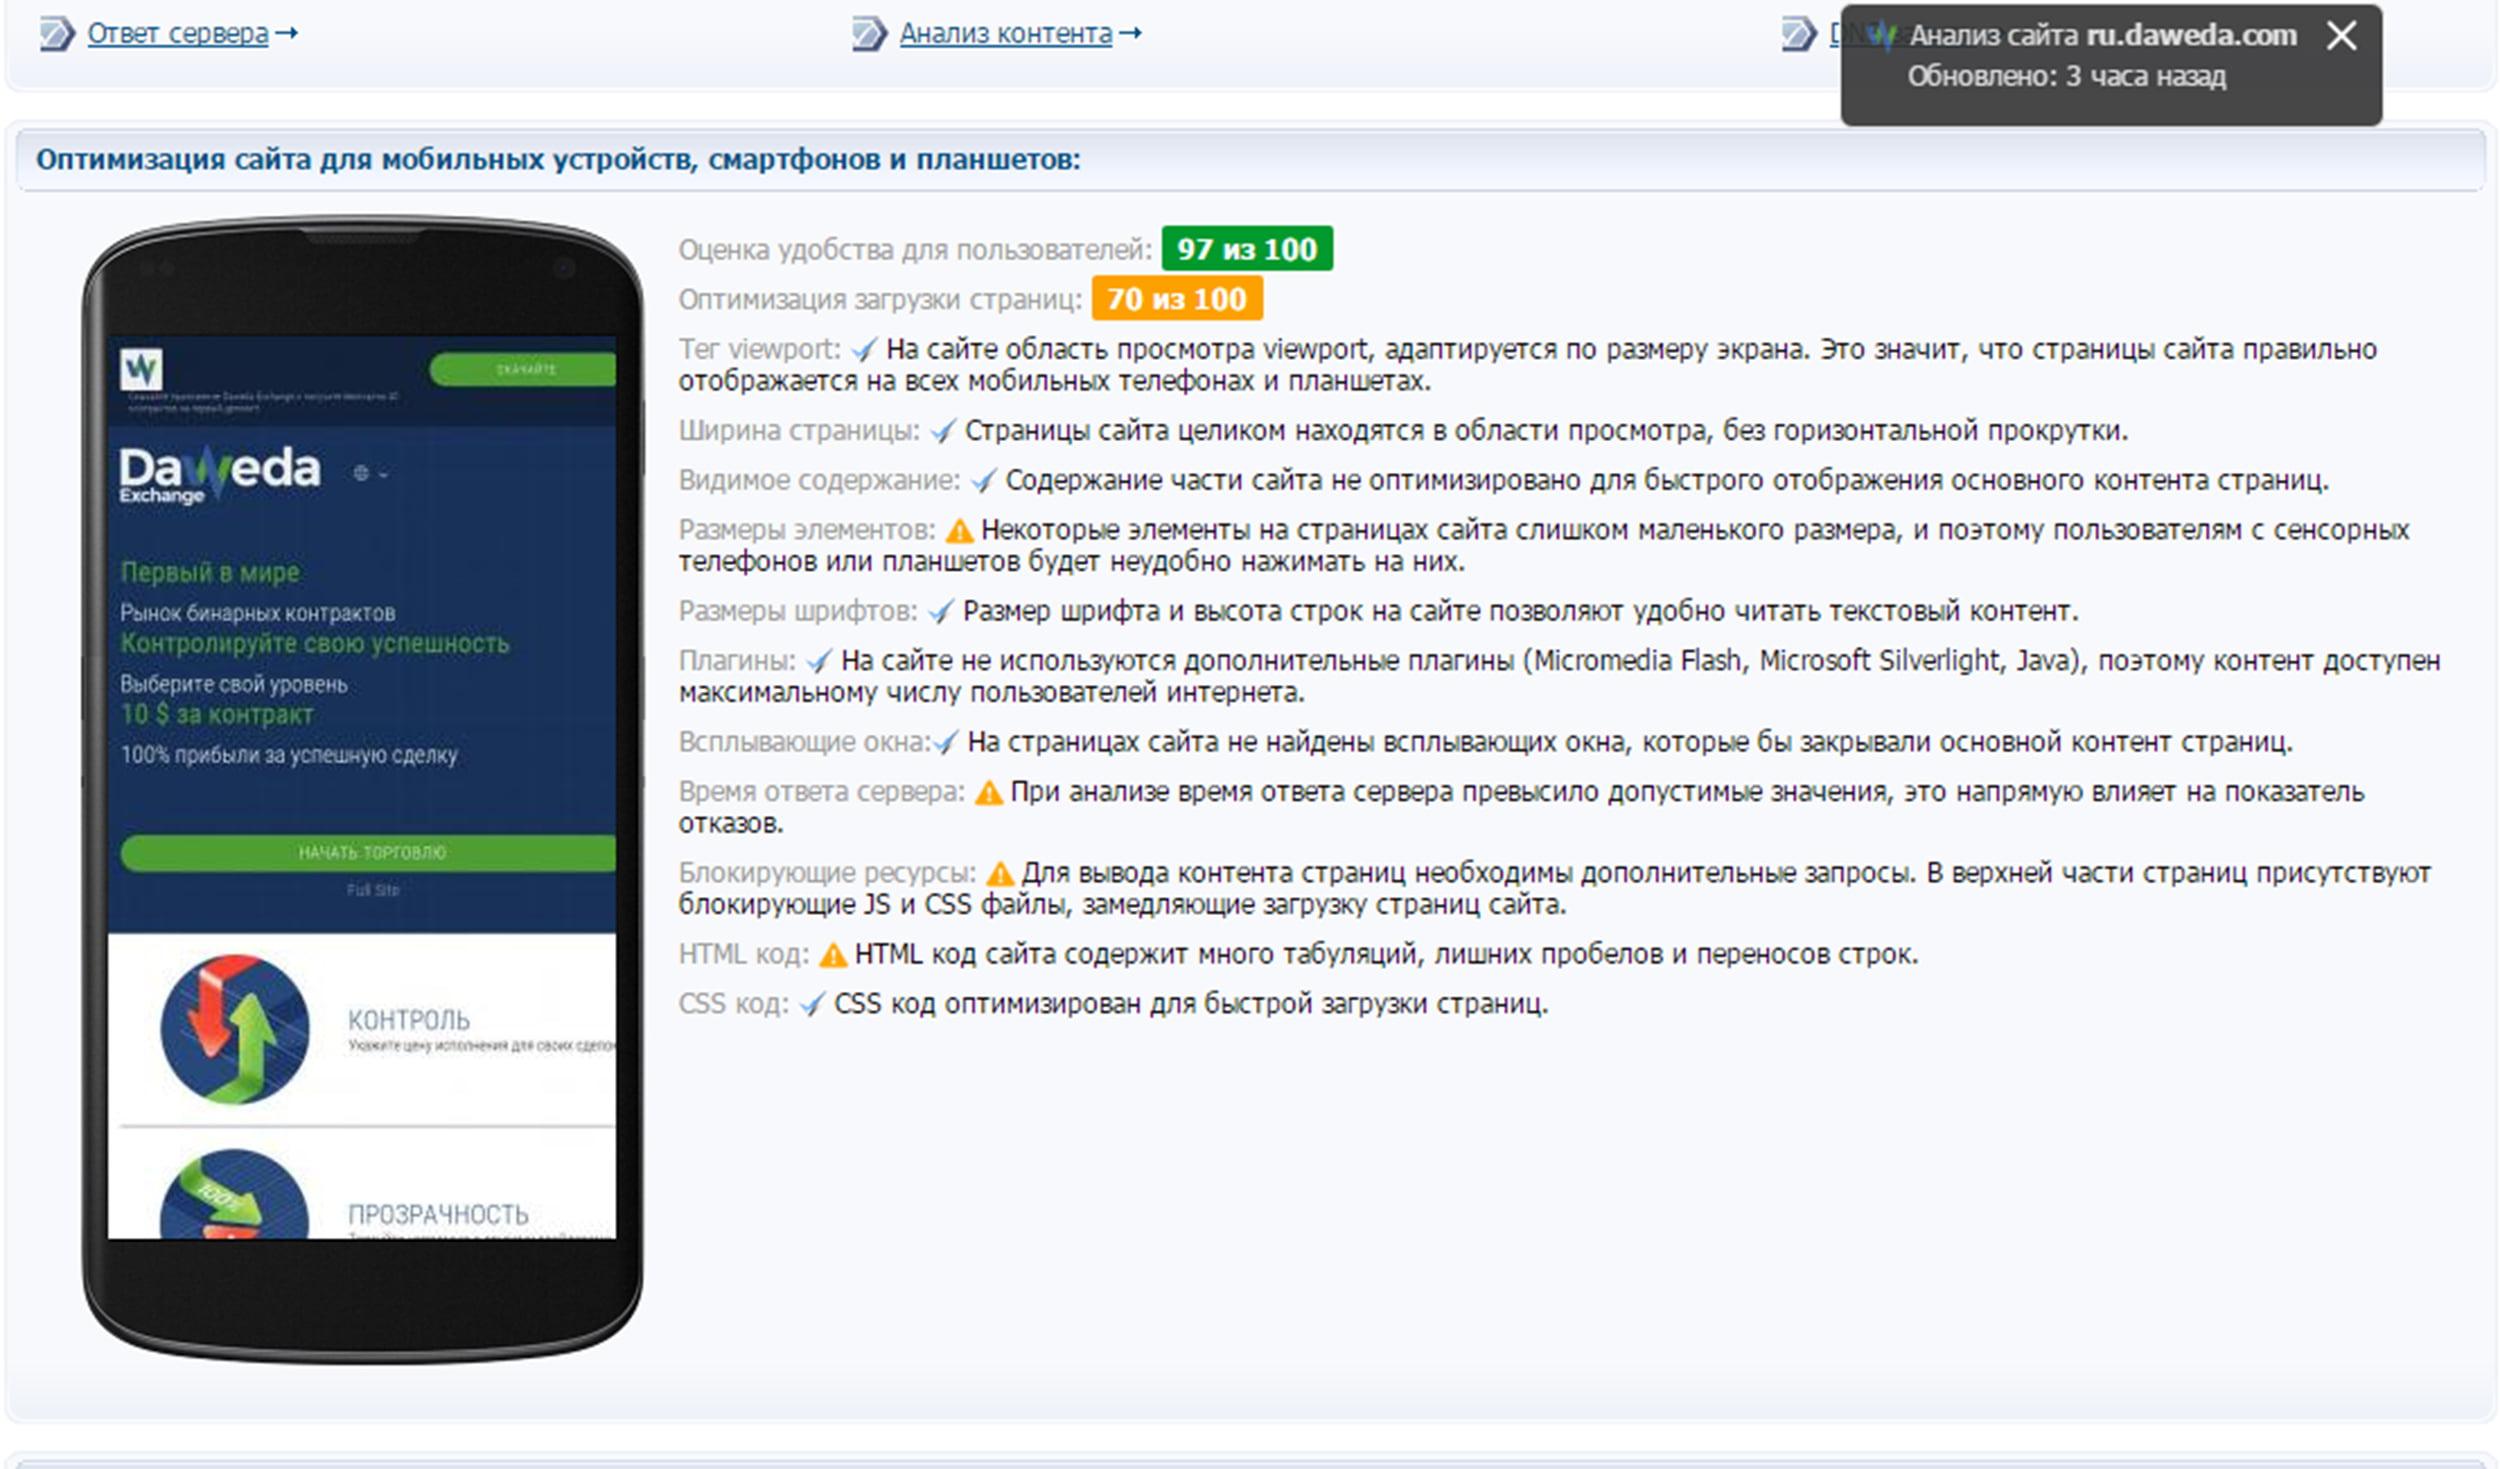 Сайт daweda exchange хорошо оптимизирован под мобильные устройства